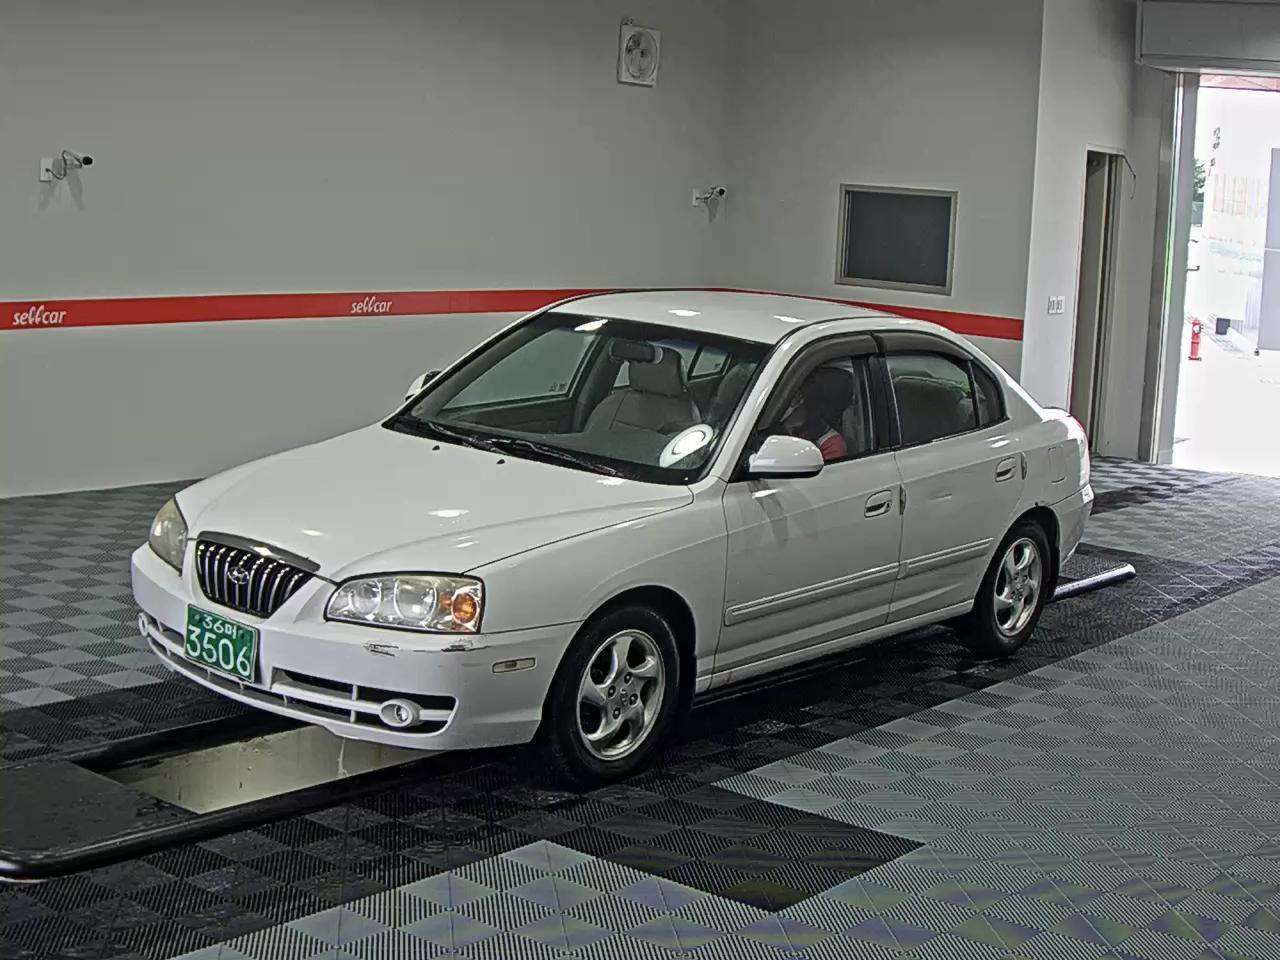 1380 Hyundai NEW Avante XD 0306 1-5 VVT GLS basic model